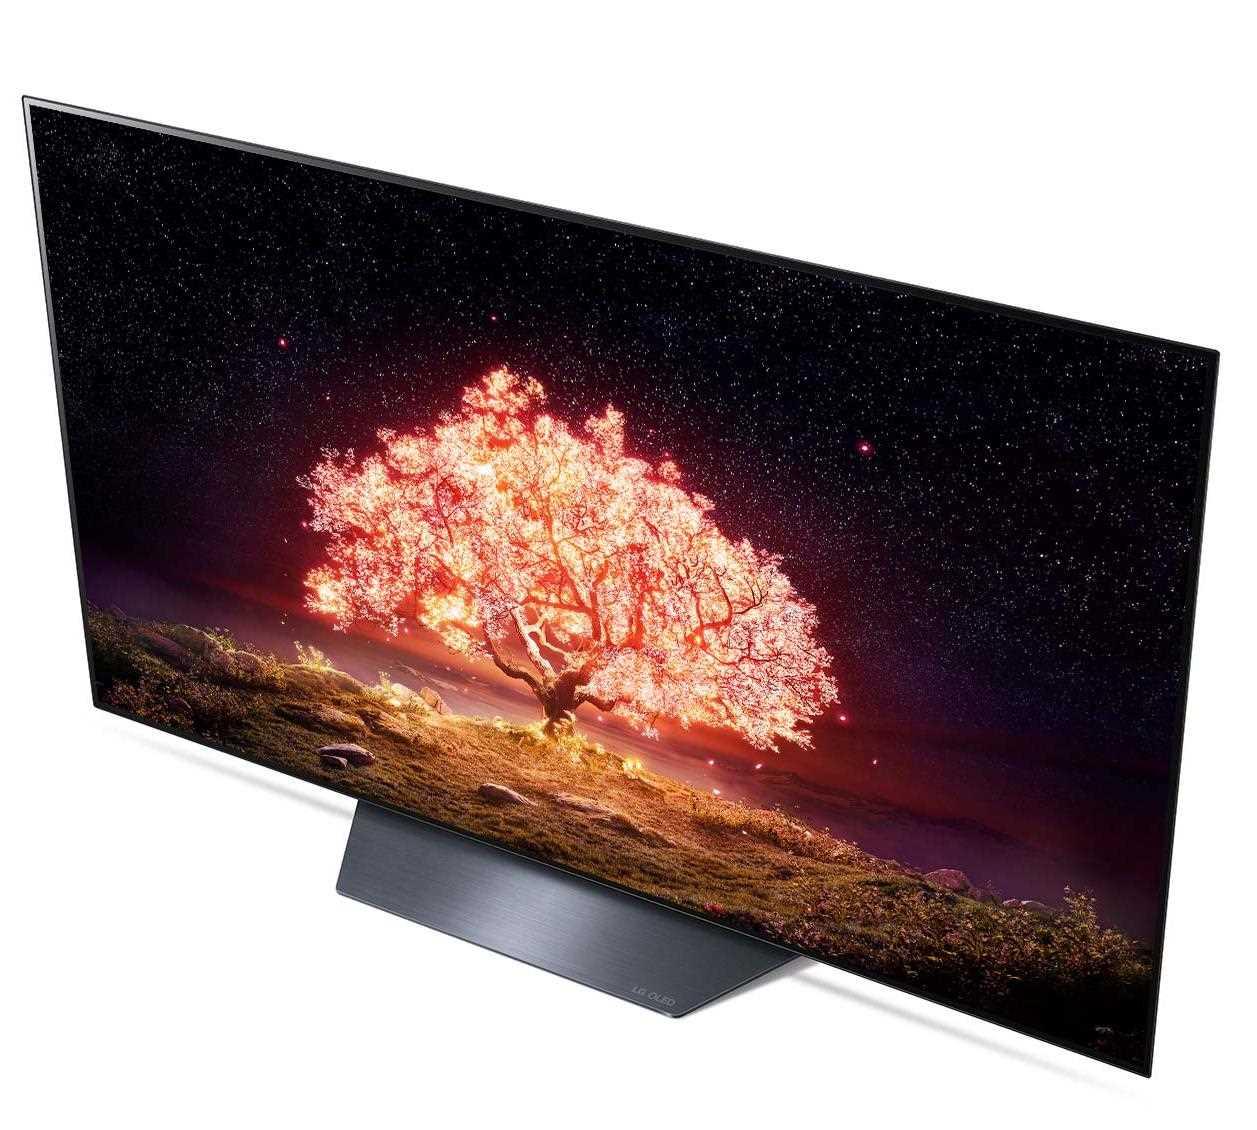 טלוויזיה 65 אינץ' דגם OLED 65B16LA/PVA  בטכנולוגיית LG OLED 4K Ultra HD אל ג'י - תמונה 8